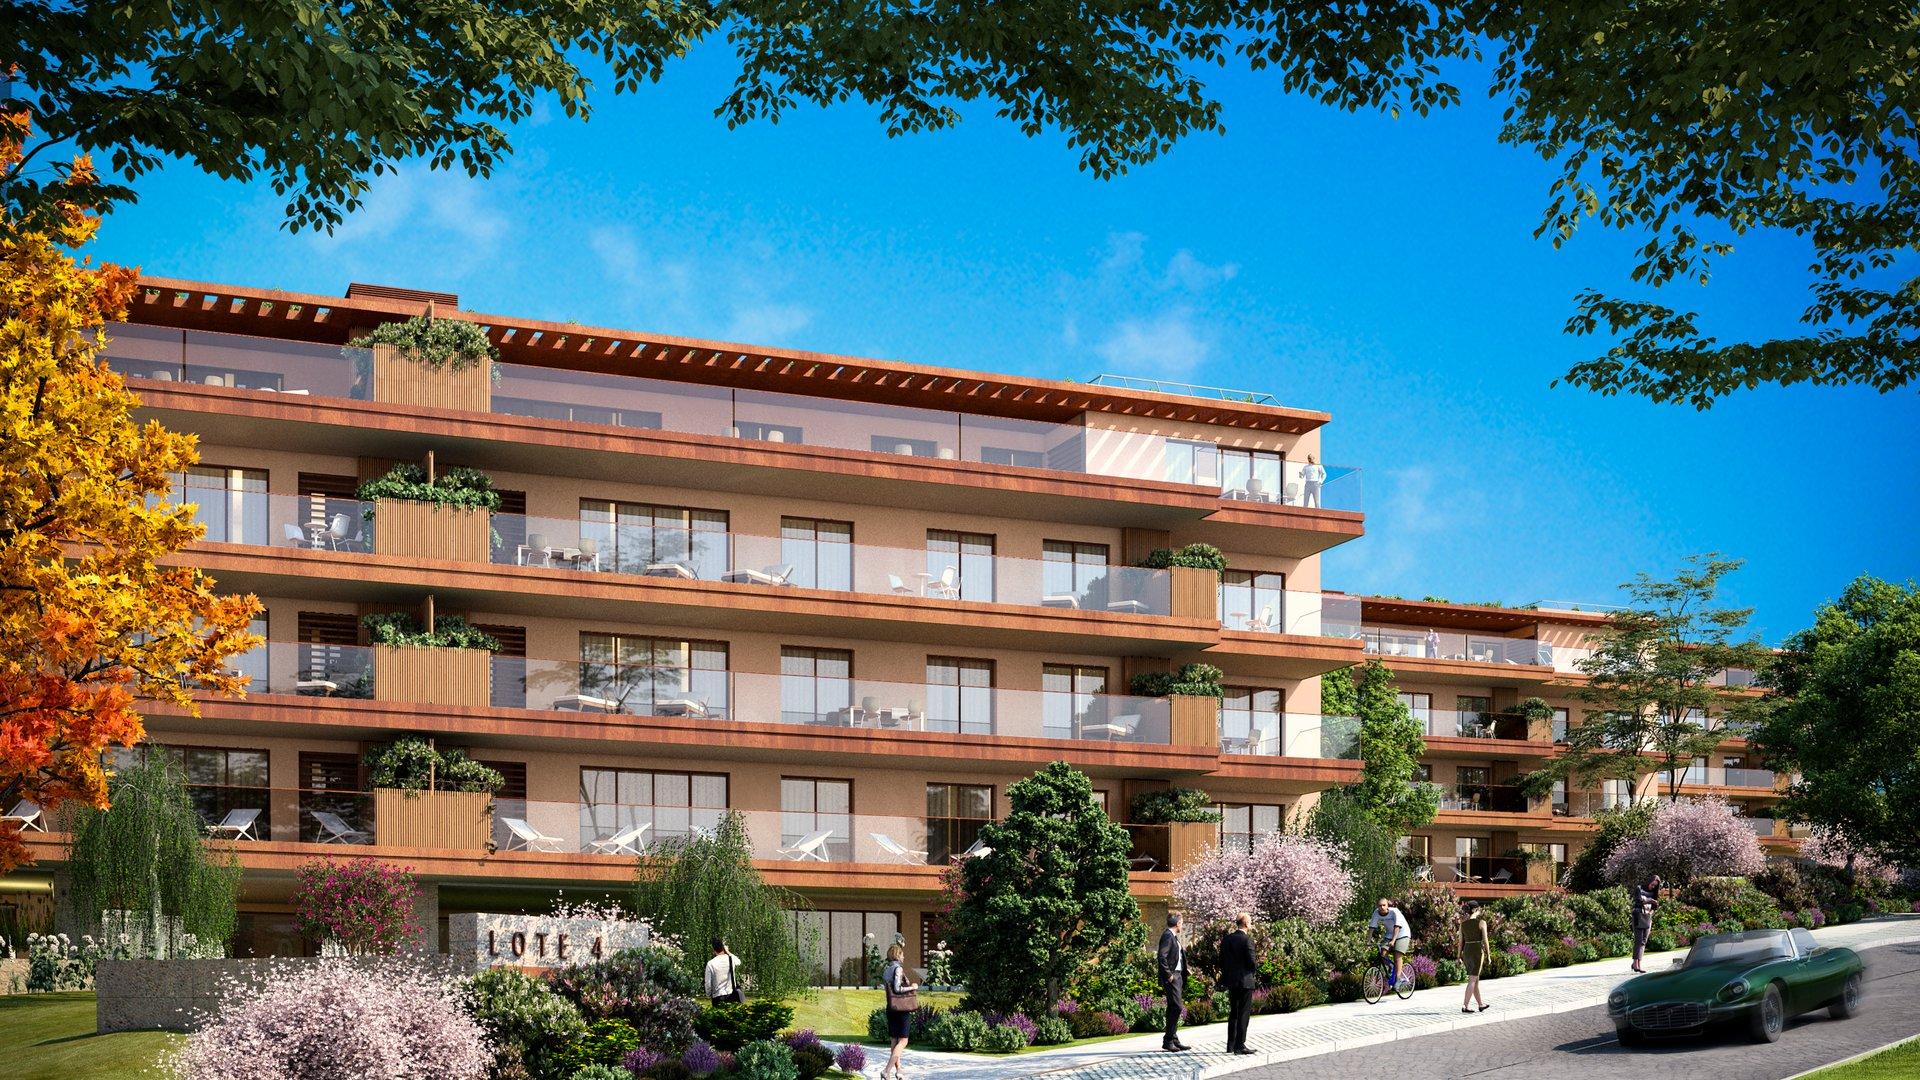 4 Bedroom Apartment Vila Nova de Gaia, Porto Ref: ASA215F